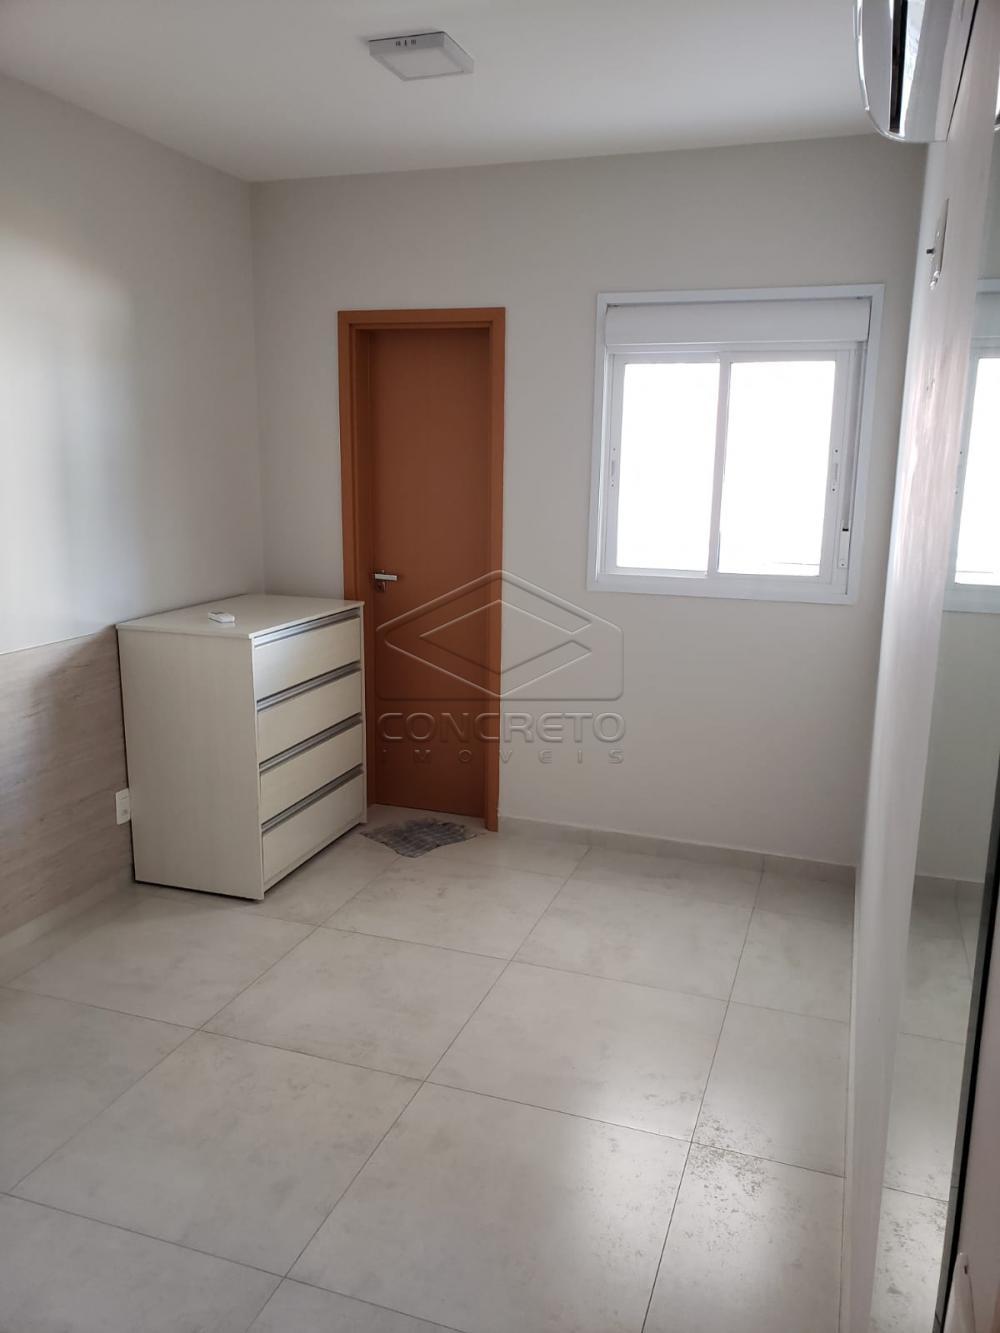 Comprar Apartamento / Padrão em Bauru R$ 360.000,00 - Foto 7